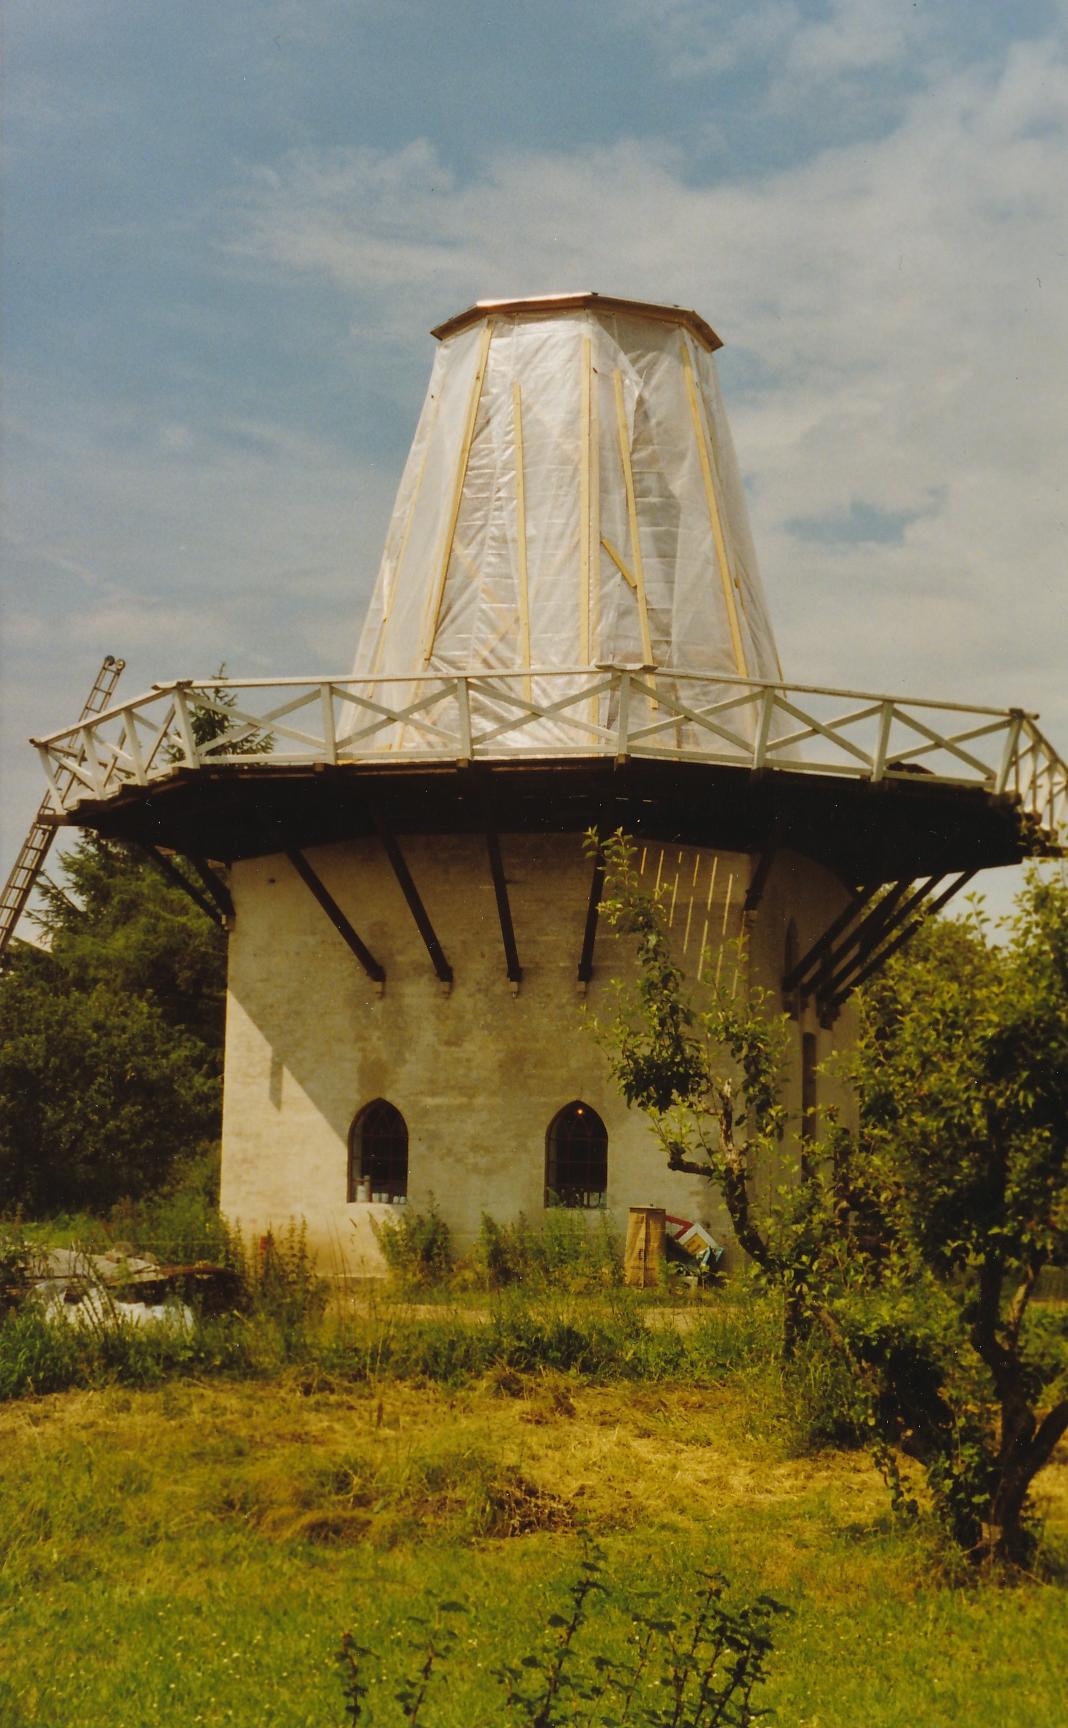 Fejø Mølle, møllens overkrop er overdækket og restaureringen er påbegyndt, 2007